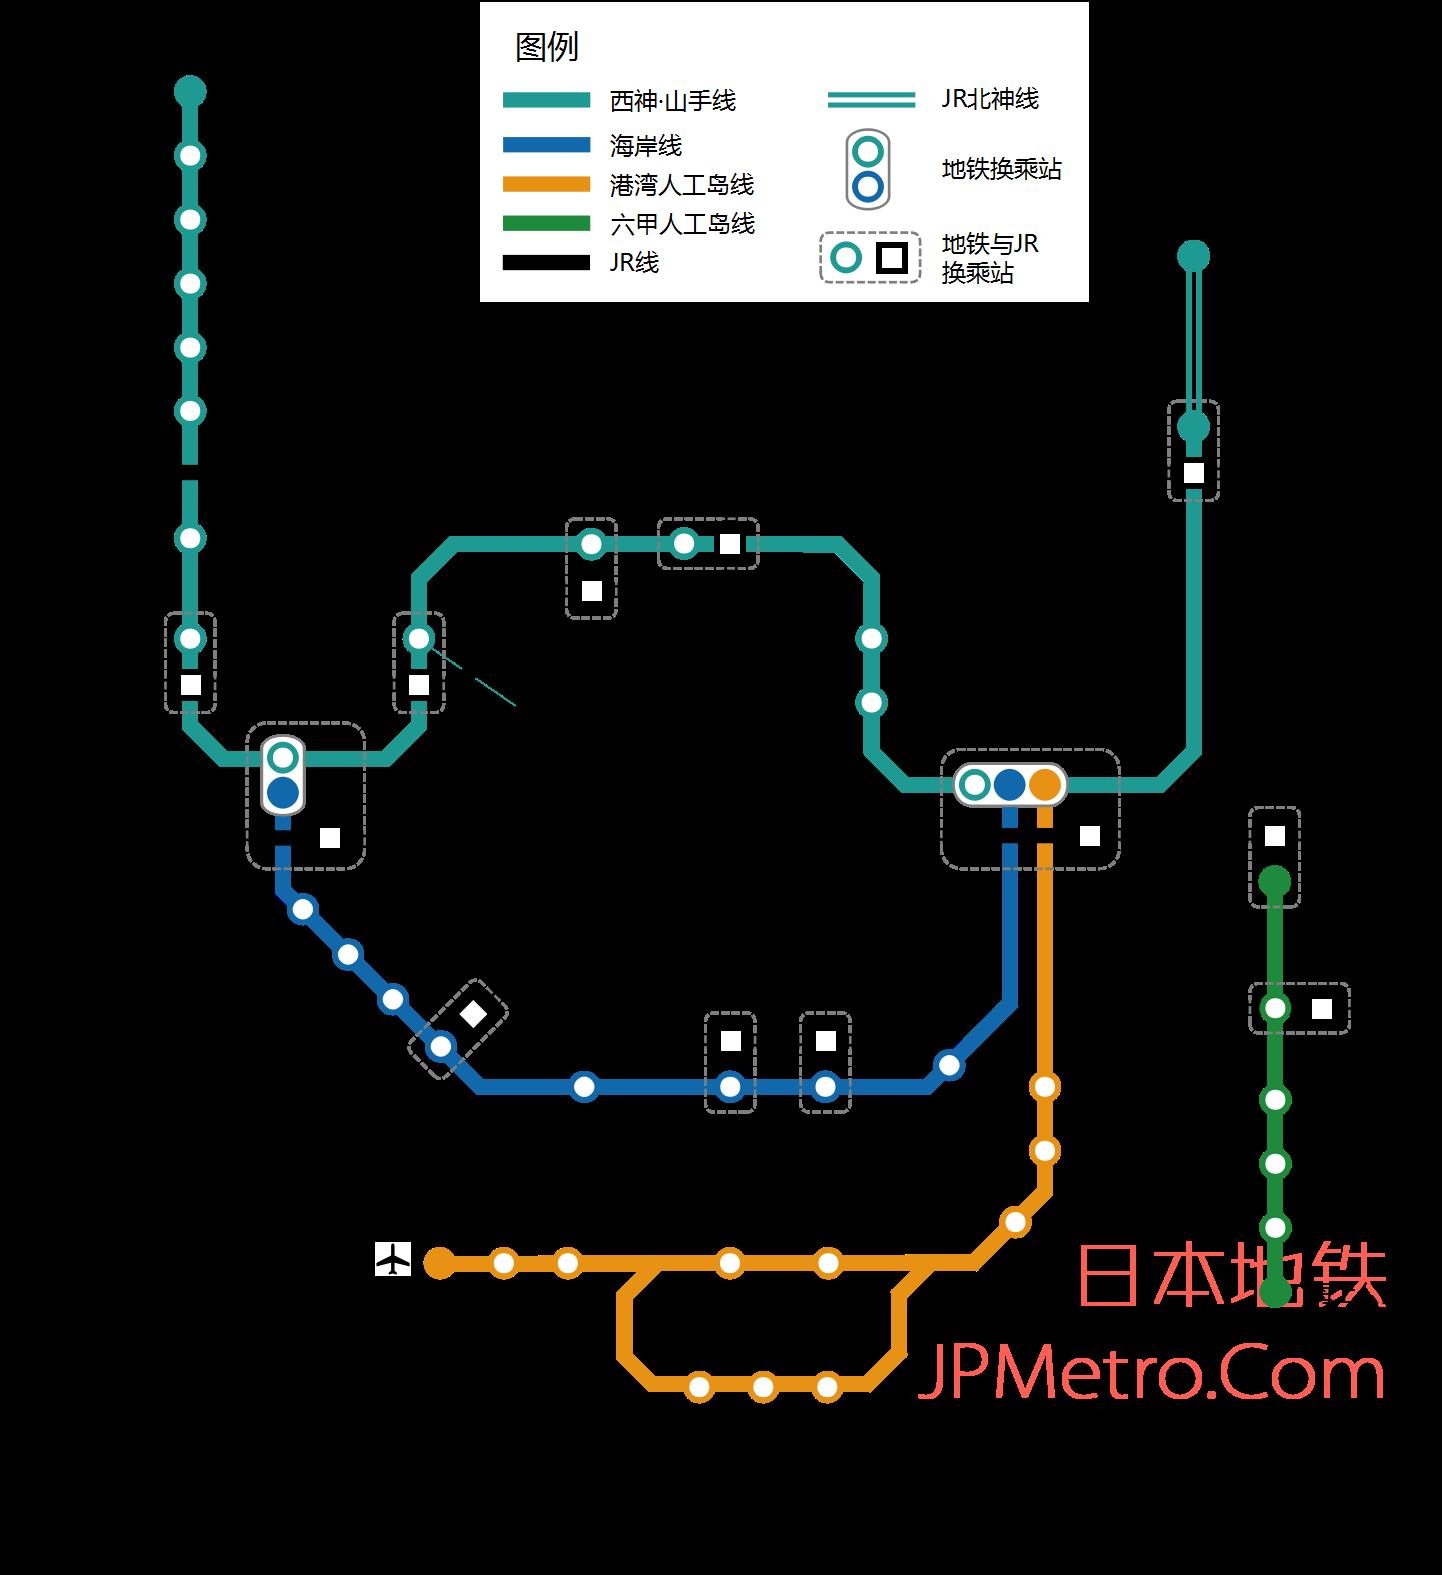 神户地铁线路图